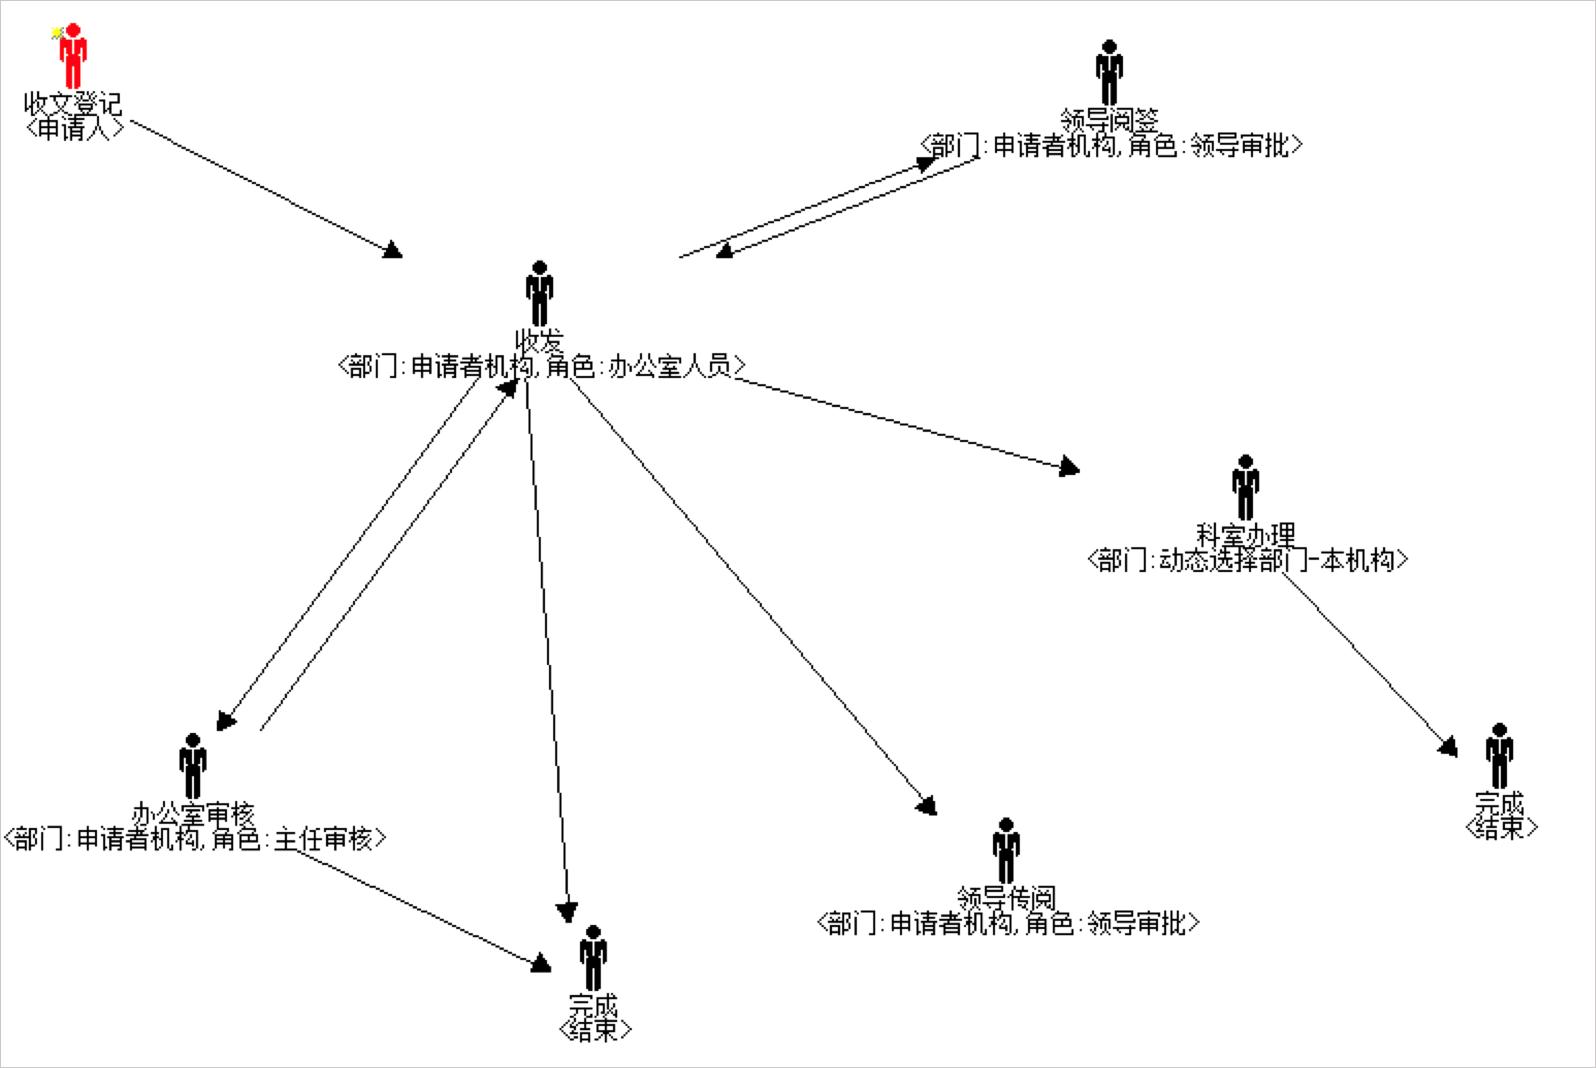 华天动力政务OA系统自动化公文流转,让机关工作人员少跑腿